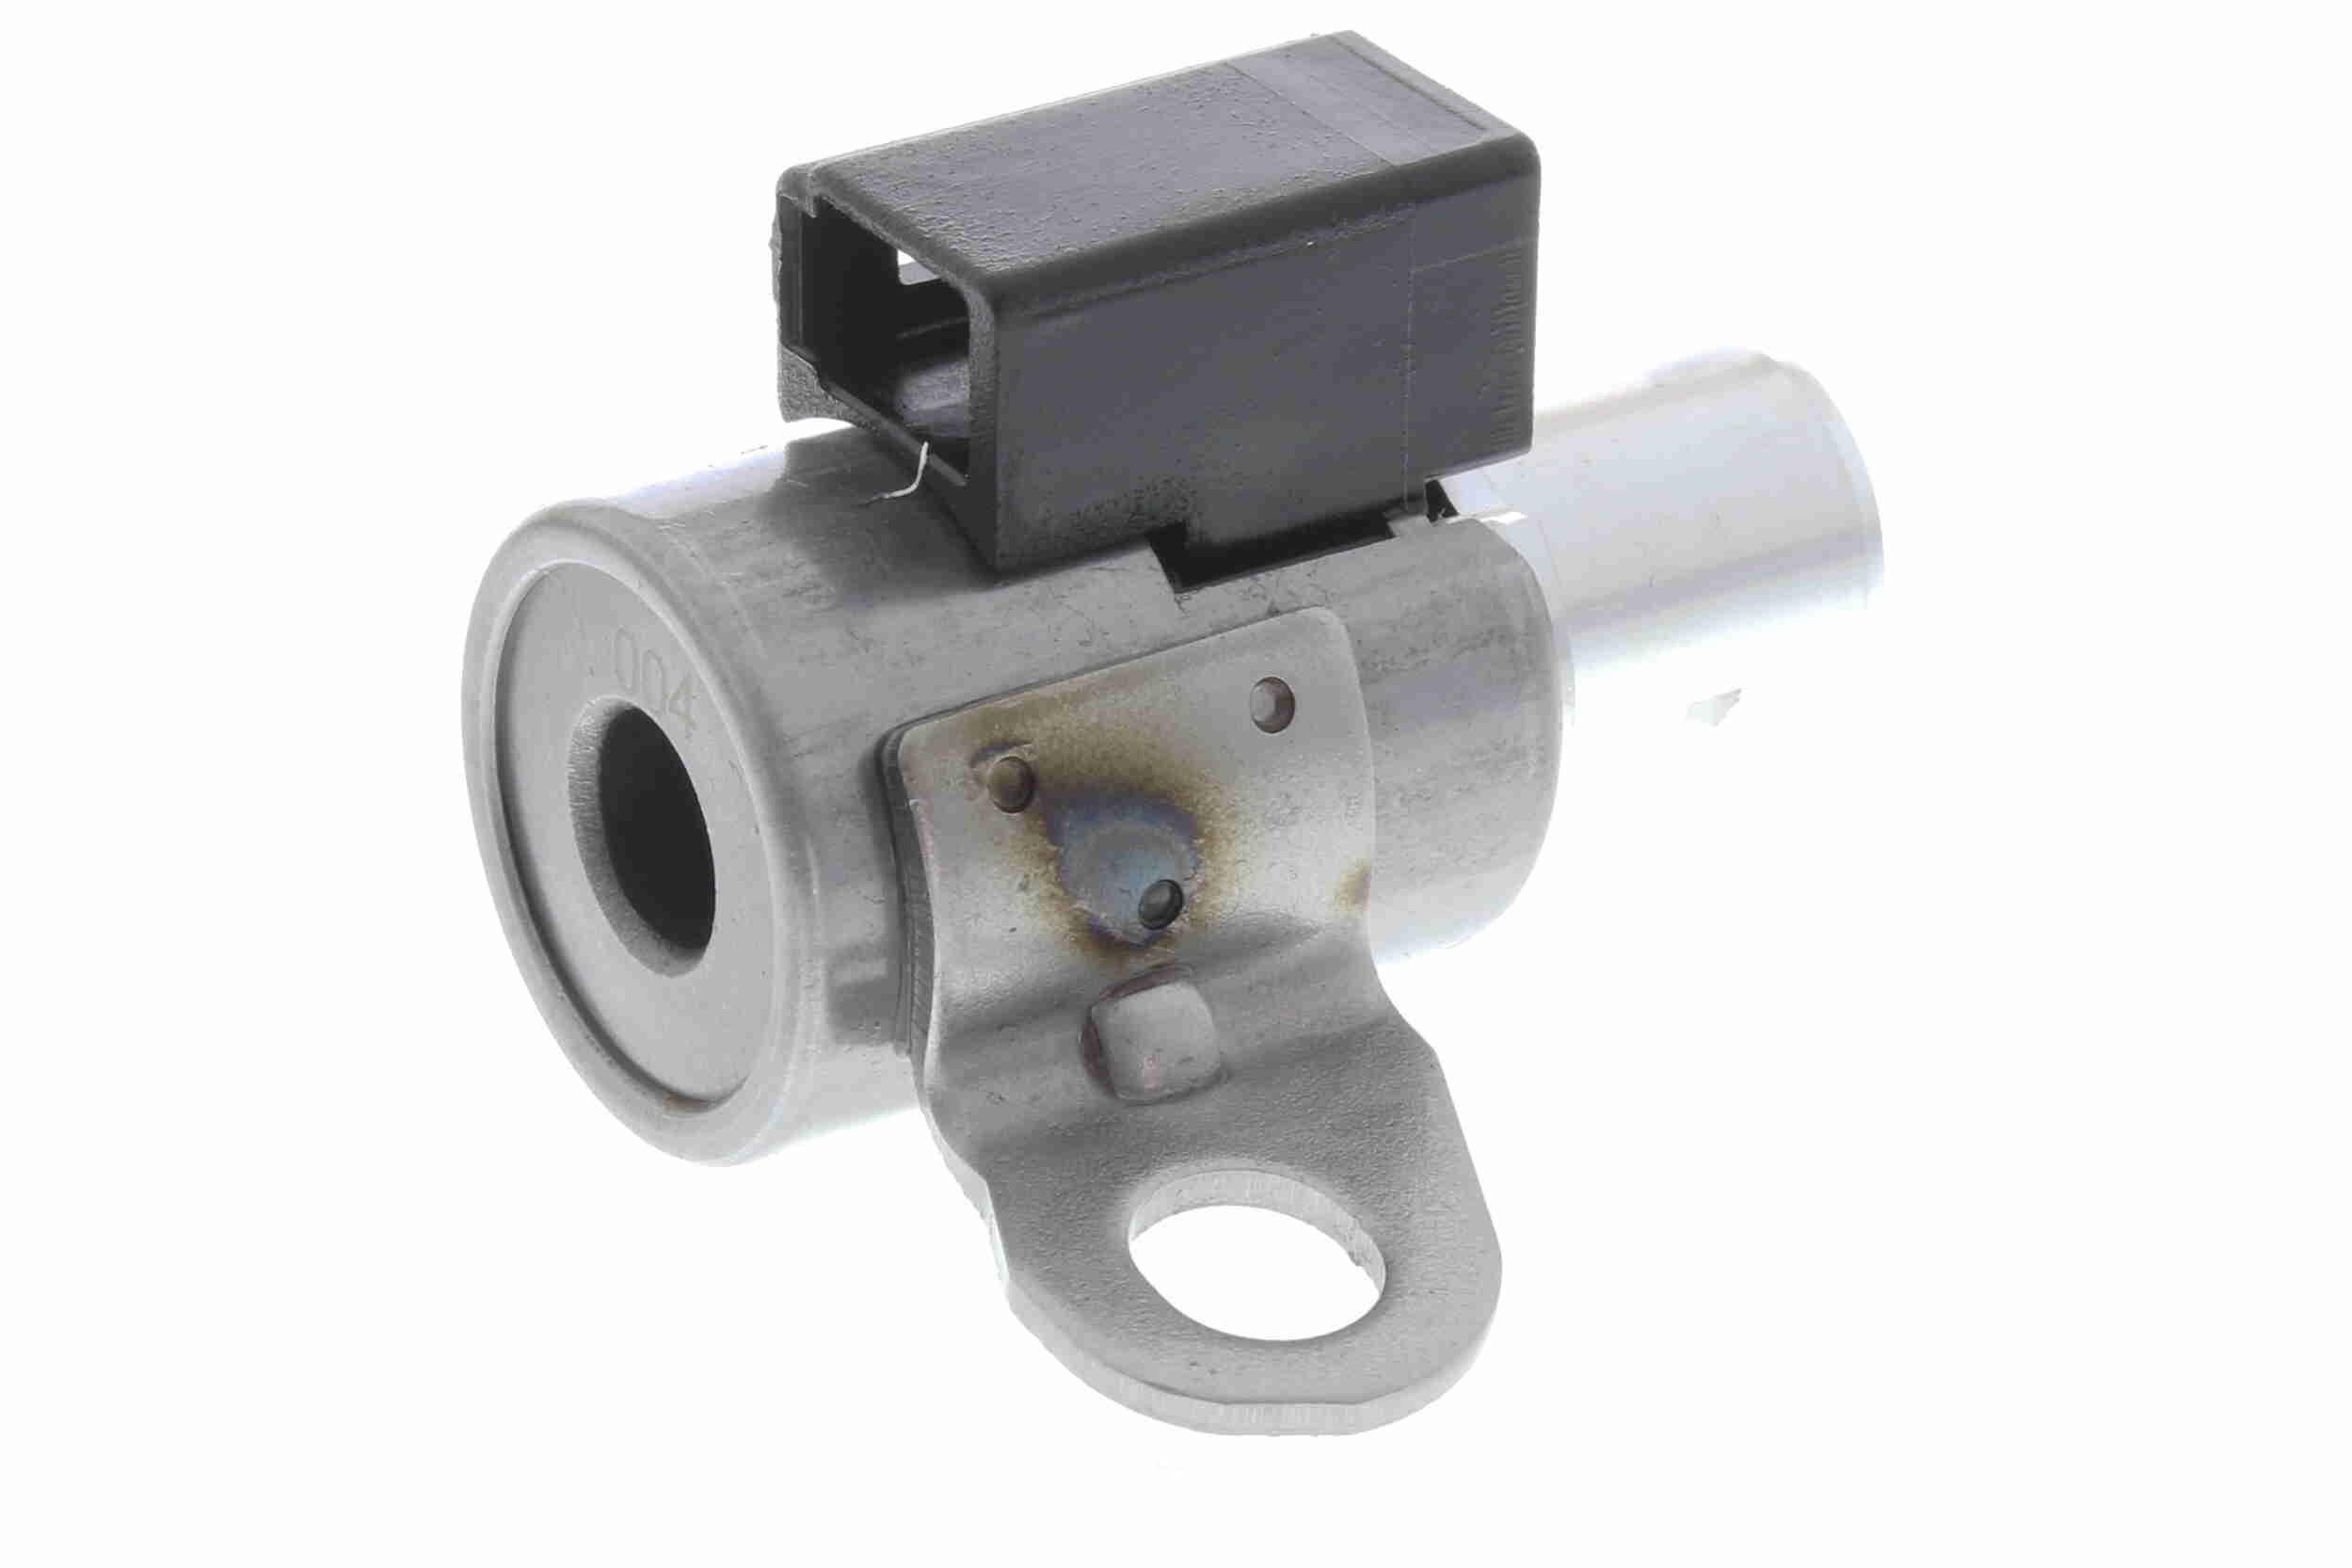 CITROËN C5 2019 Schaltventil, Automatikgetriebe - Original VEMO V42-77-0016